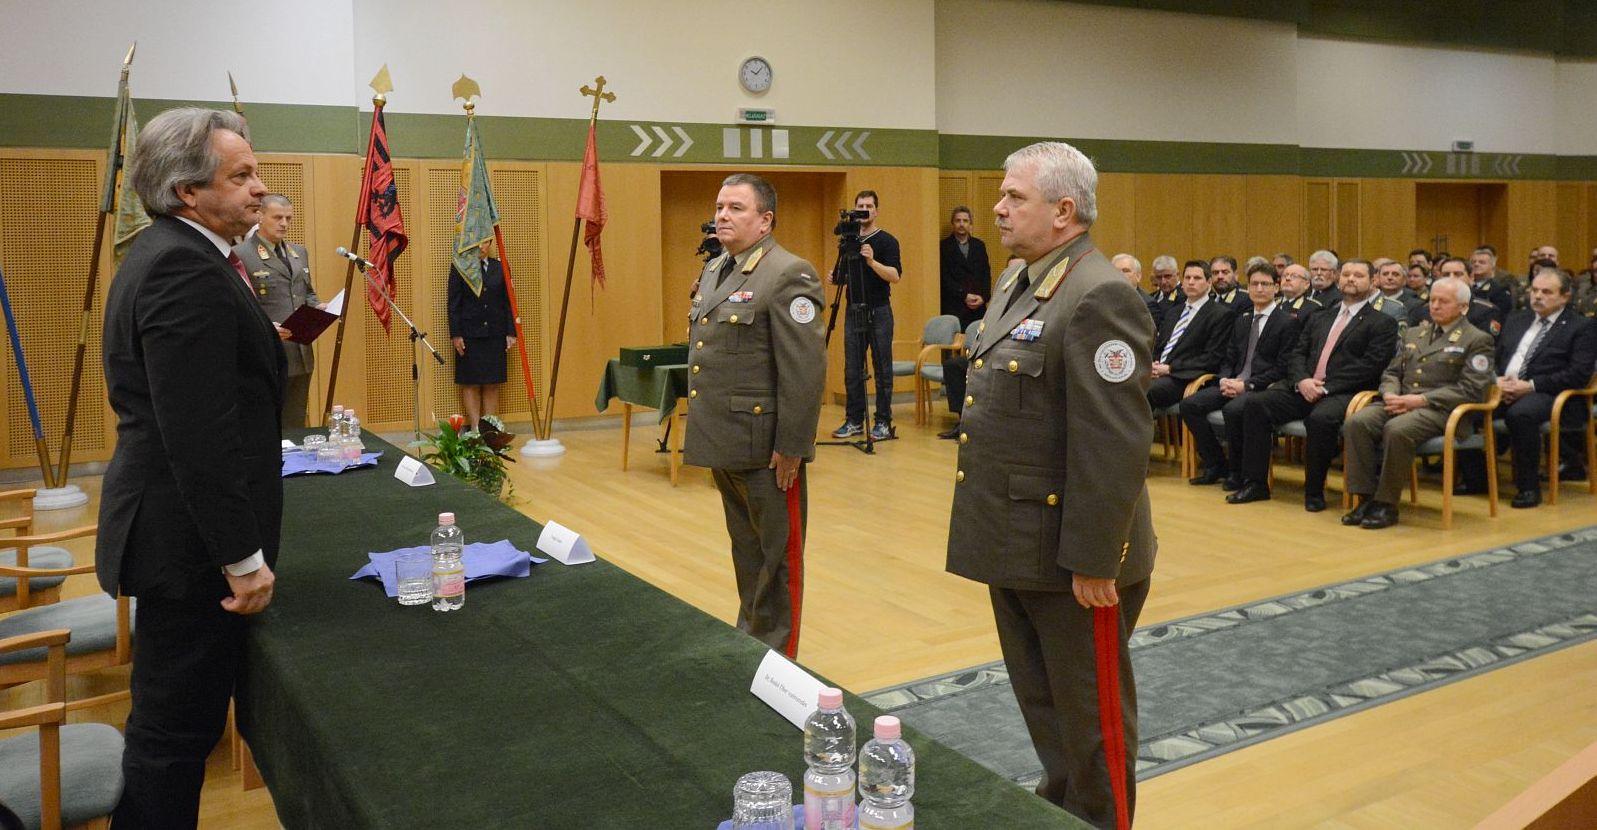 Átadás-átvétel az összhaderőnemi parancsnokságon